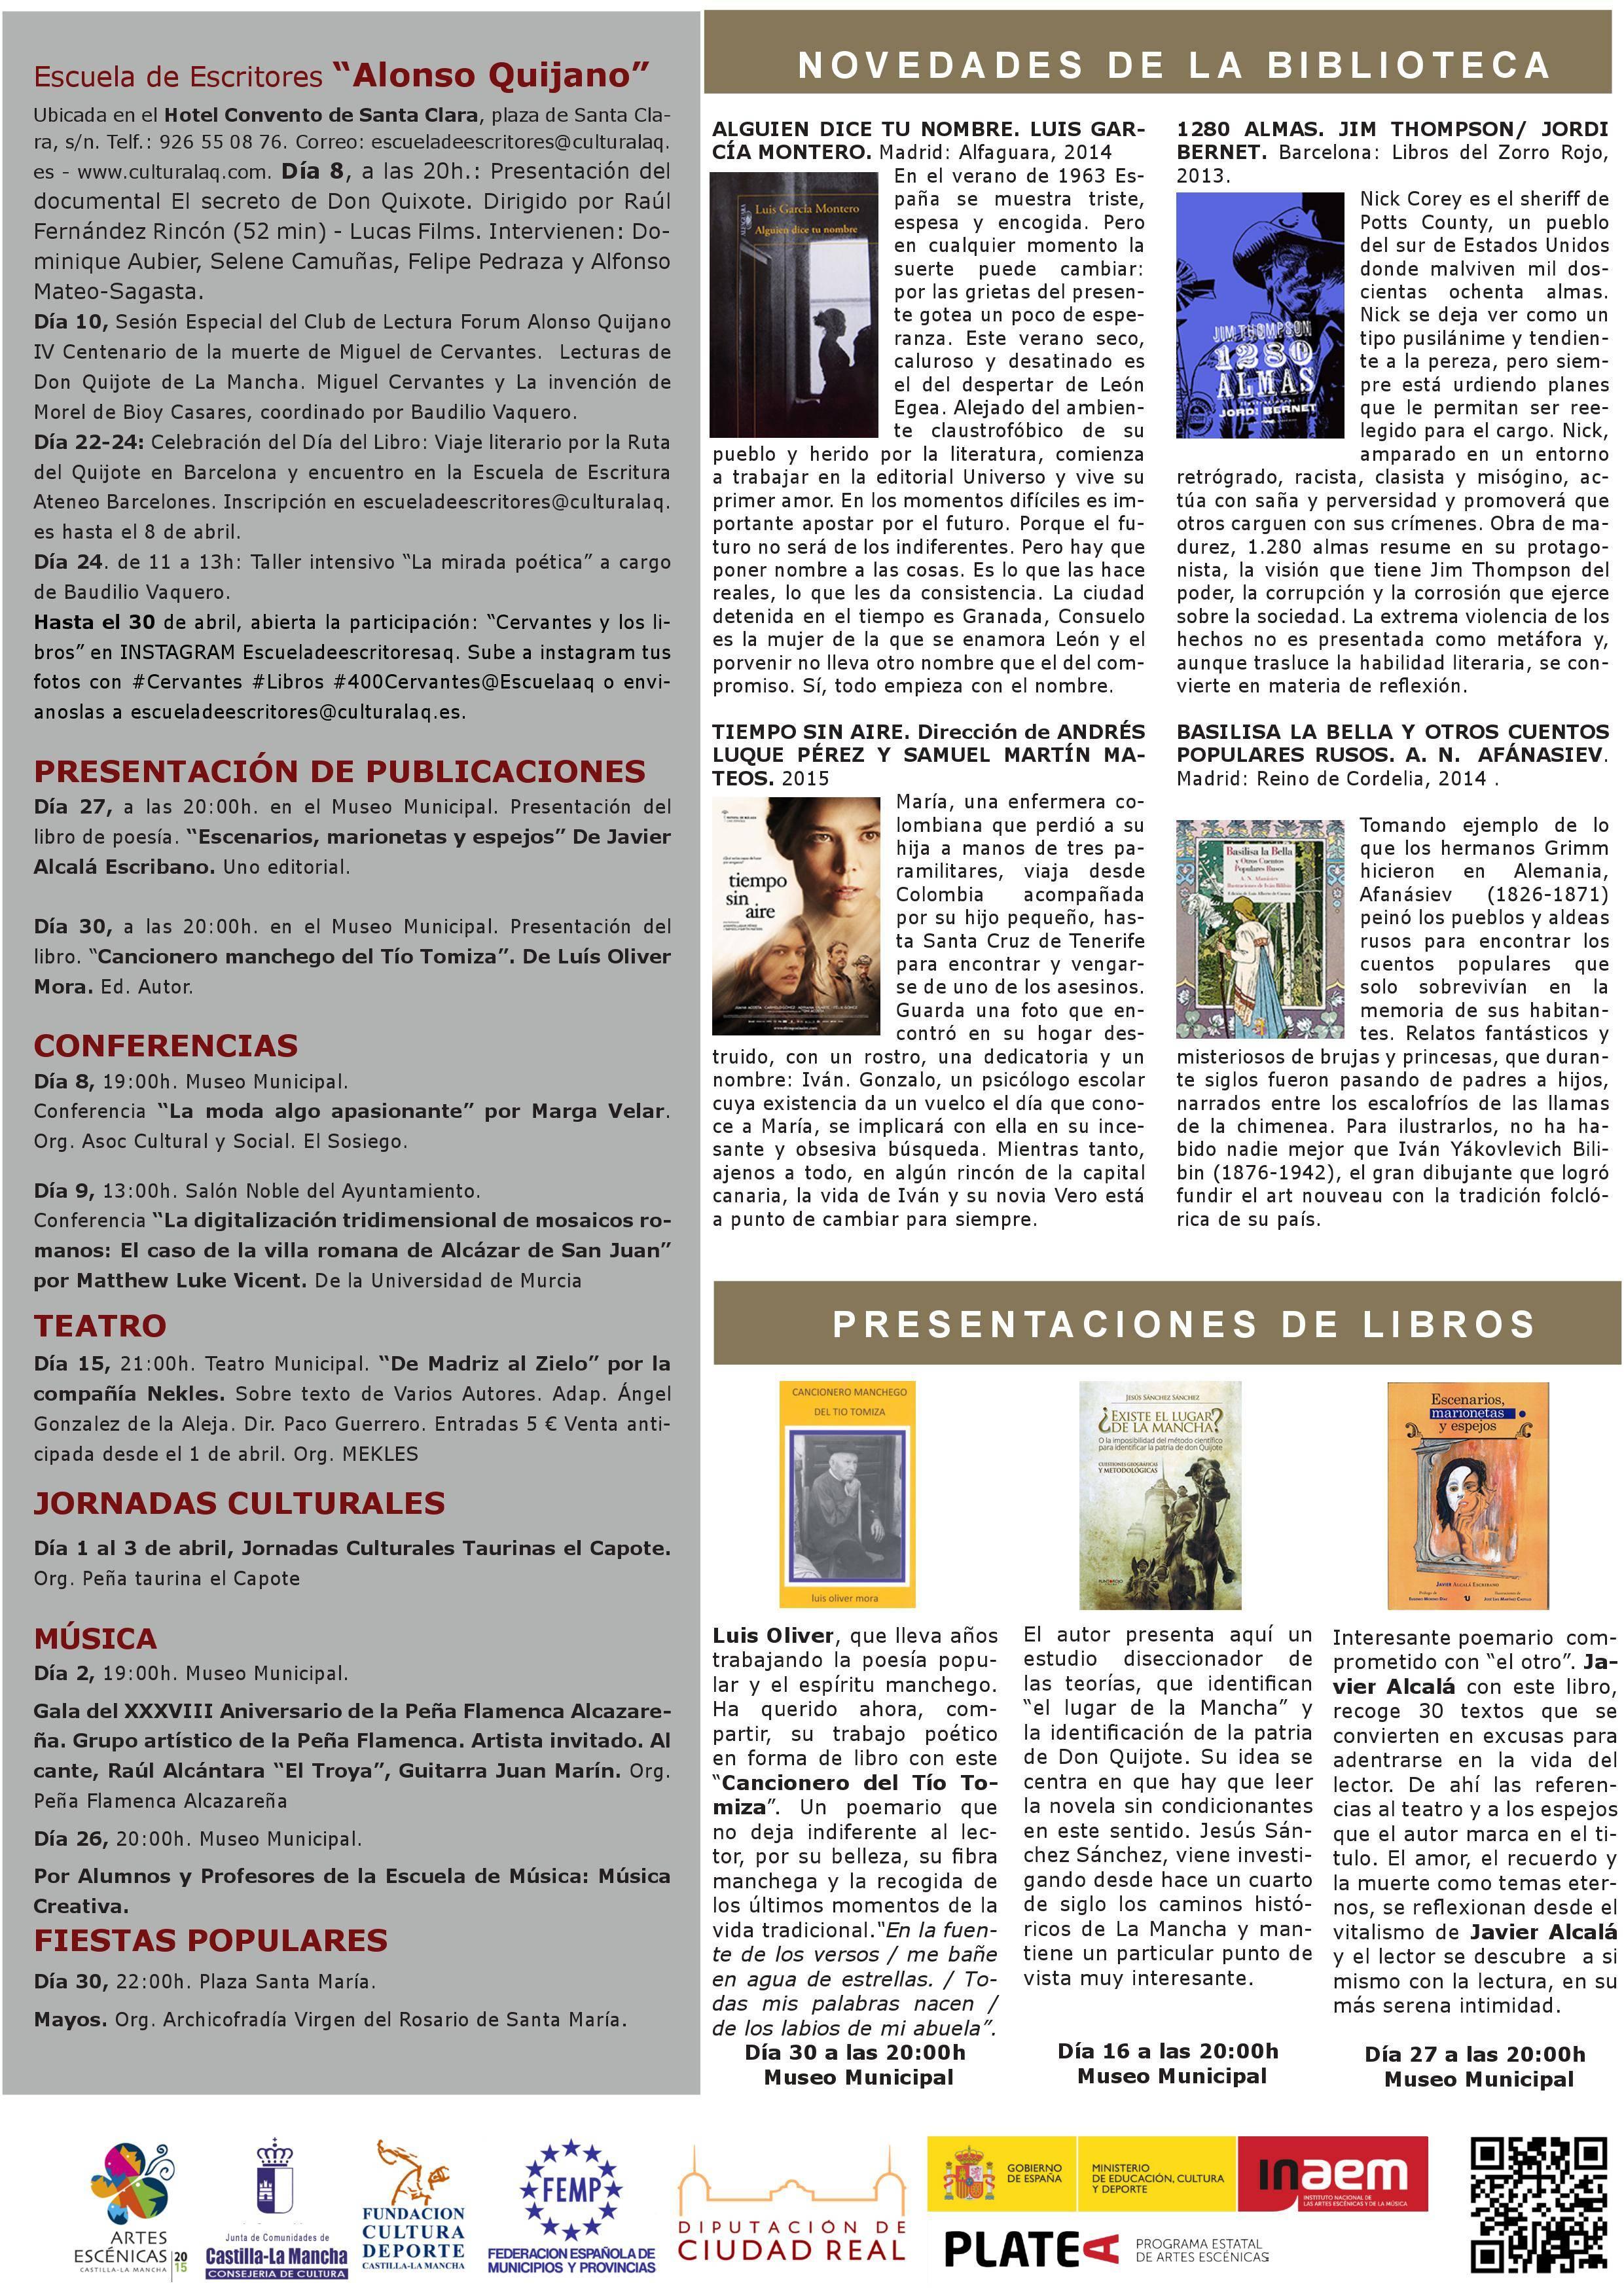 boletin cultural alcazar de san juan abril 2016 0004 - El Patronato de Cultura presenta las actividades para abril 2016